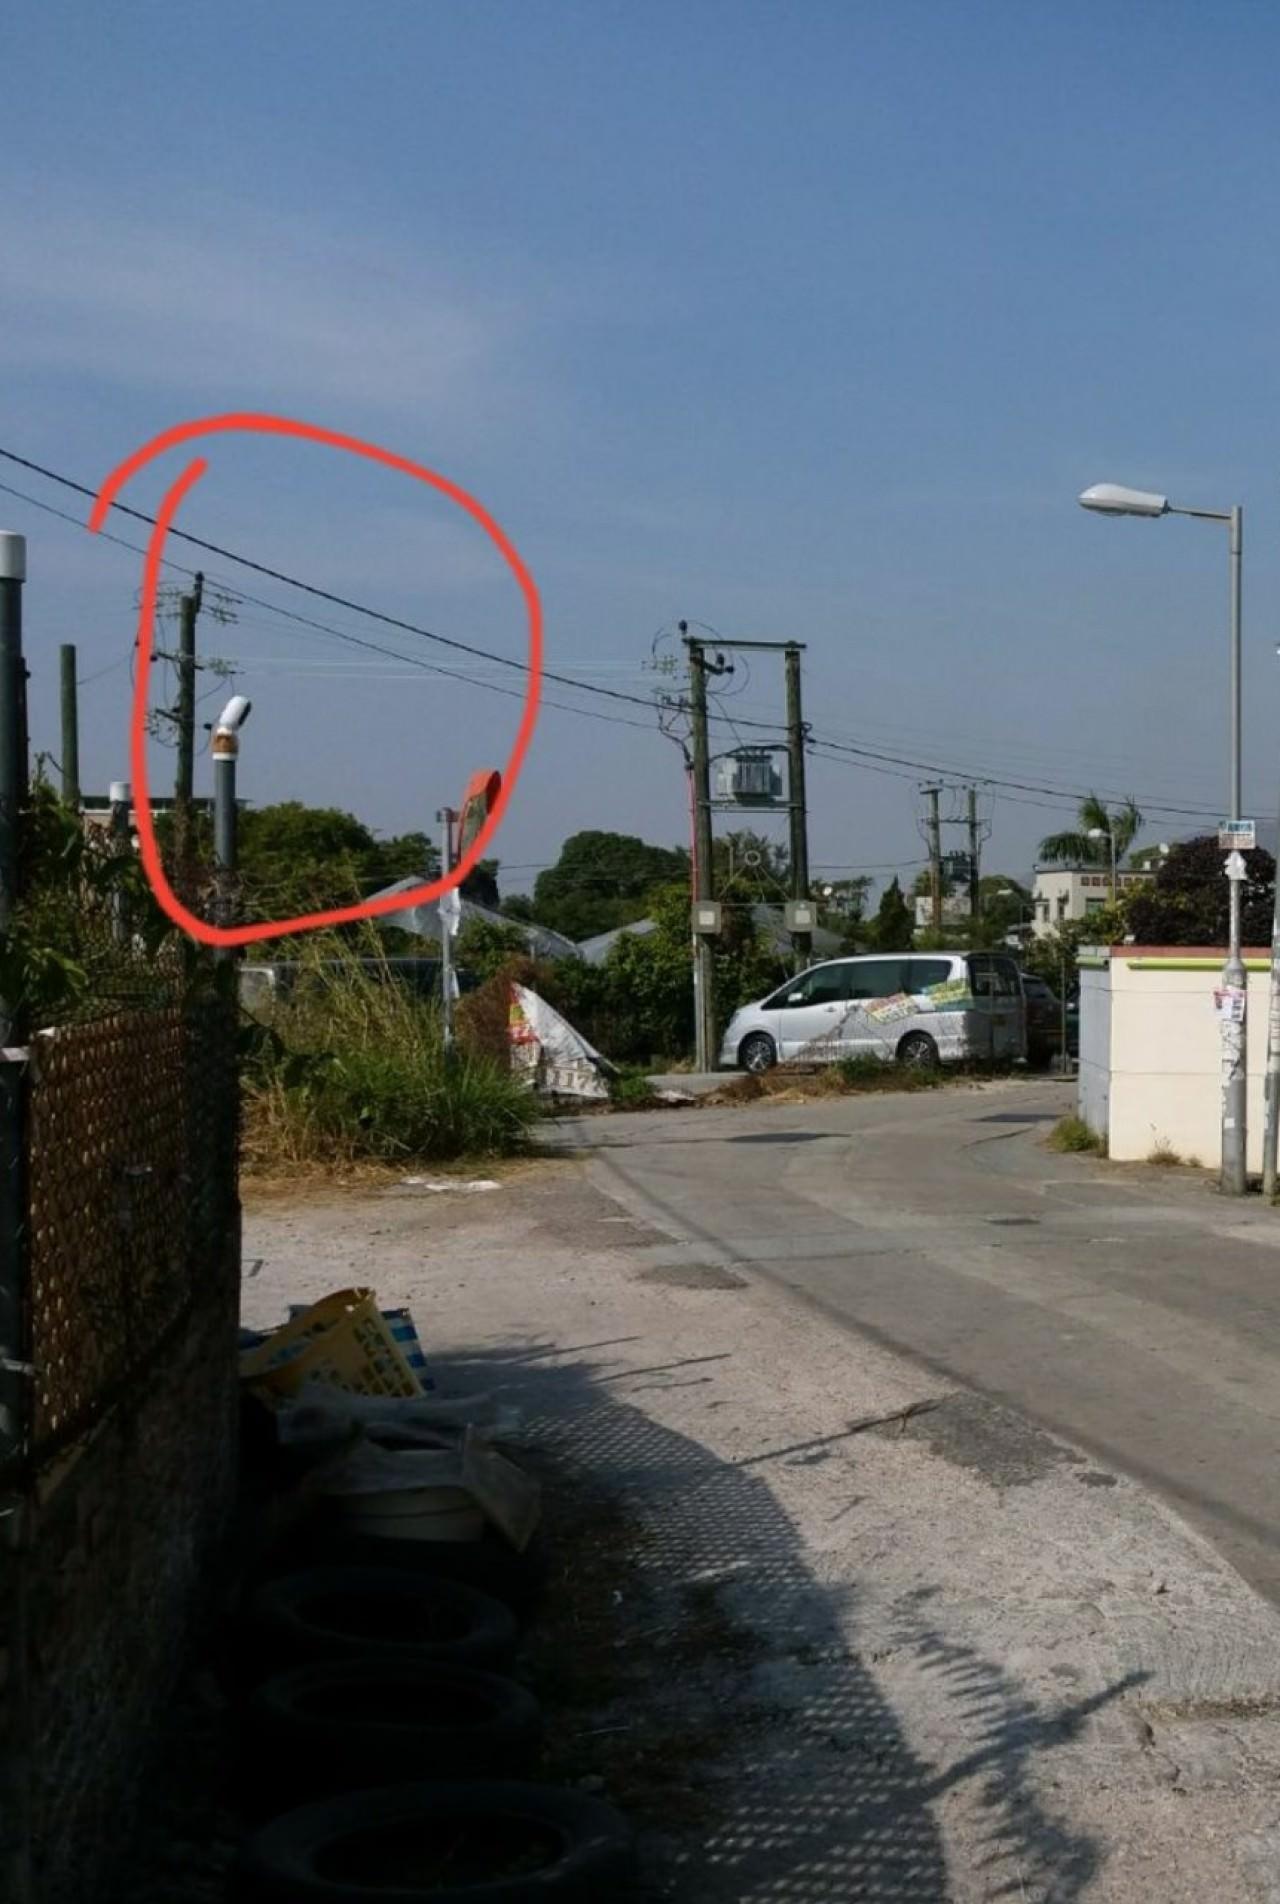 當接到街坊通報,義工趕到現場視察,還會請求附近屋主准許他們設閉路電視監察狗狗縱影。(受訪者提供)